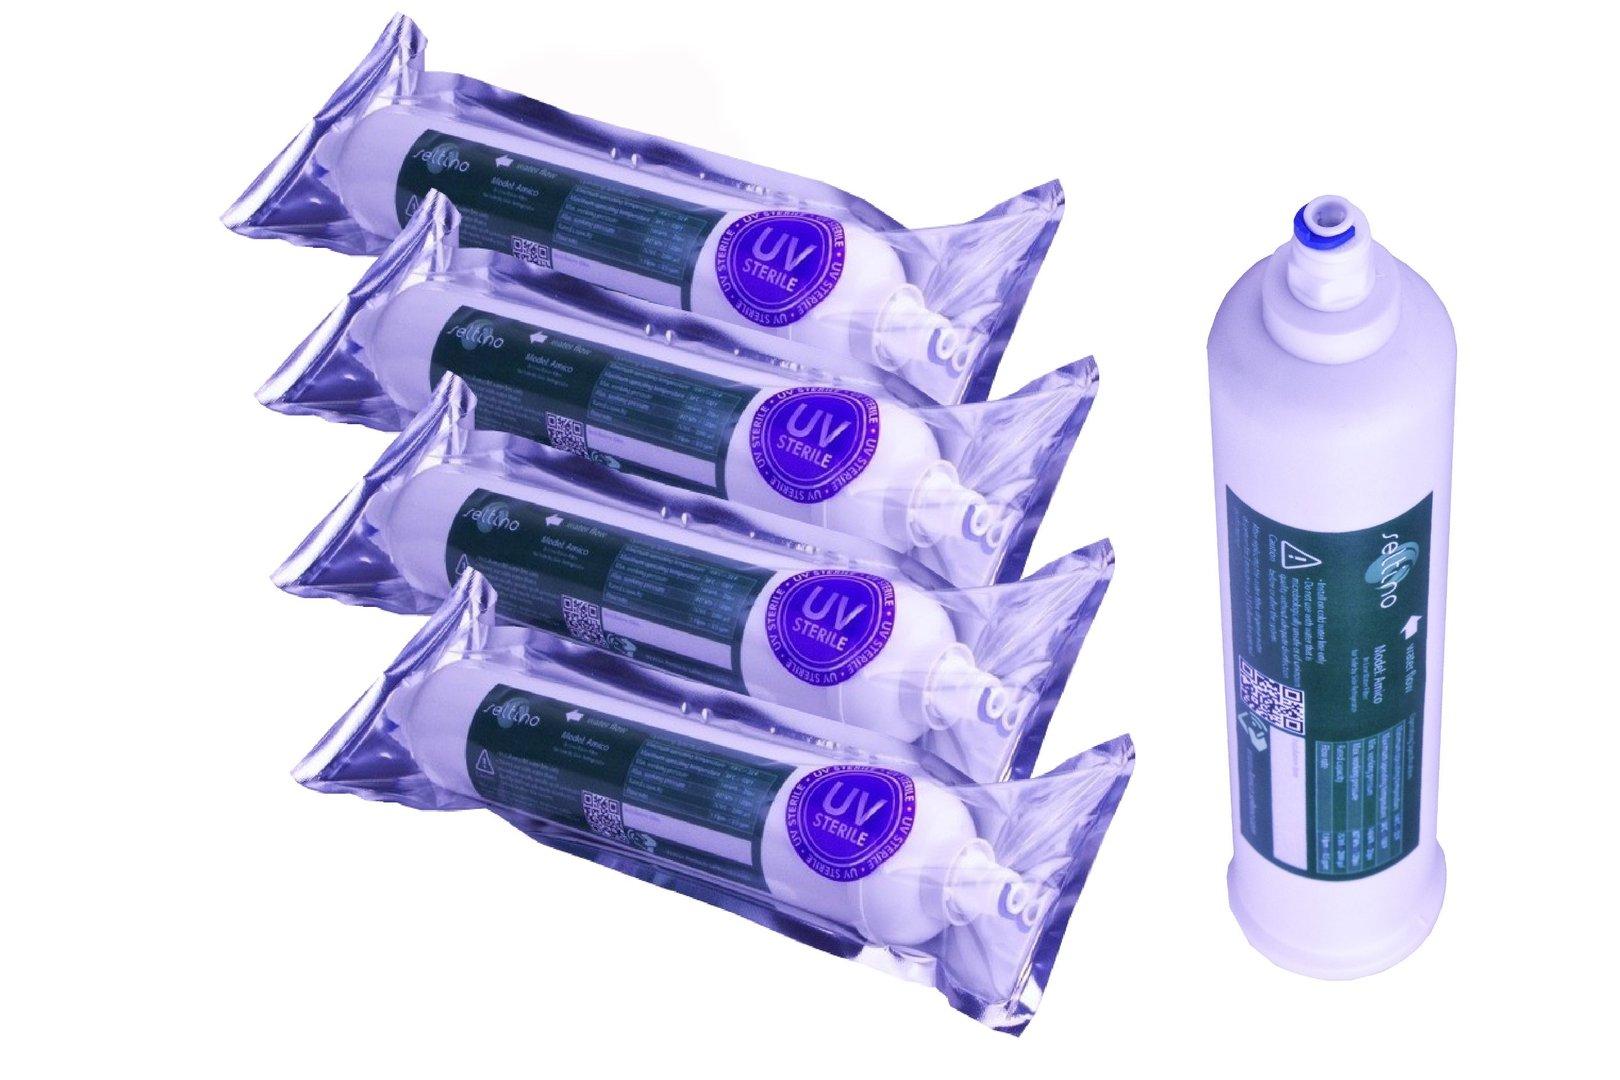 Kühlschrank Filter Lg : 6 x wasserfilter lg samsung whirlpool wie wsf 100 bl 9808 human